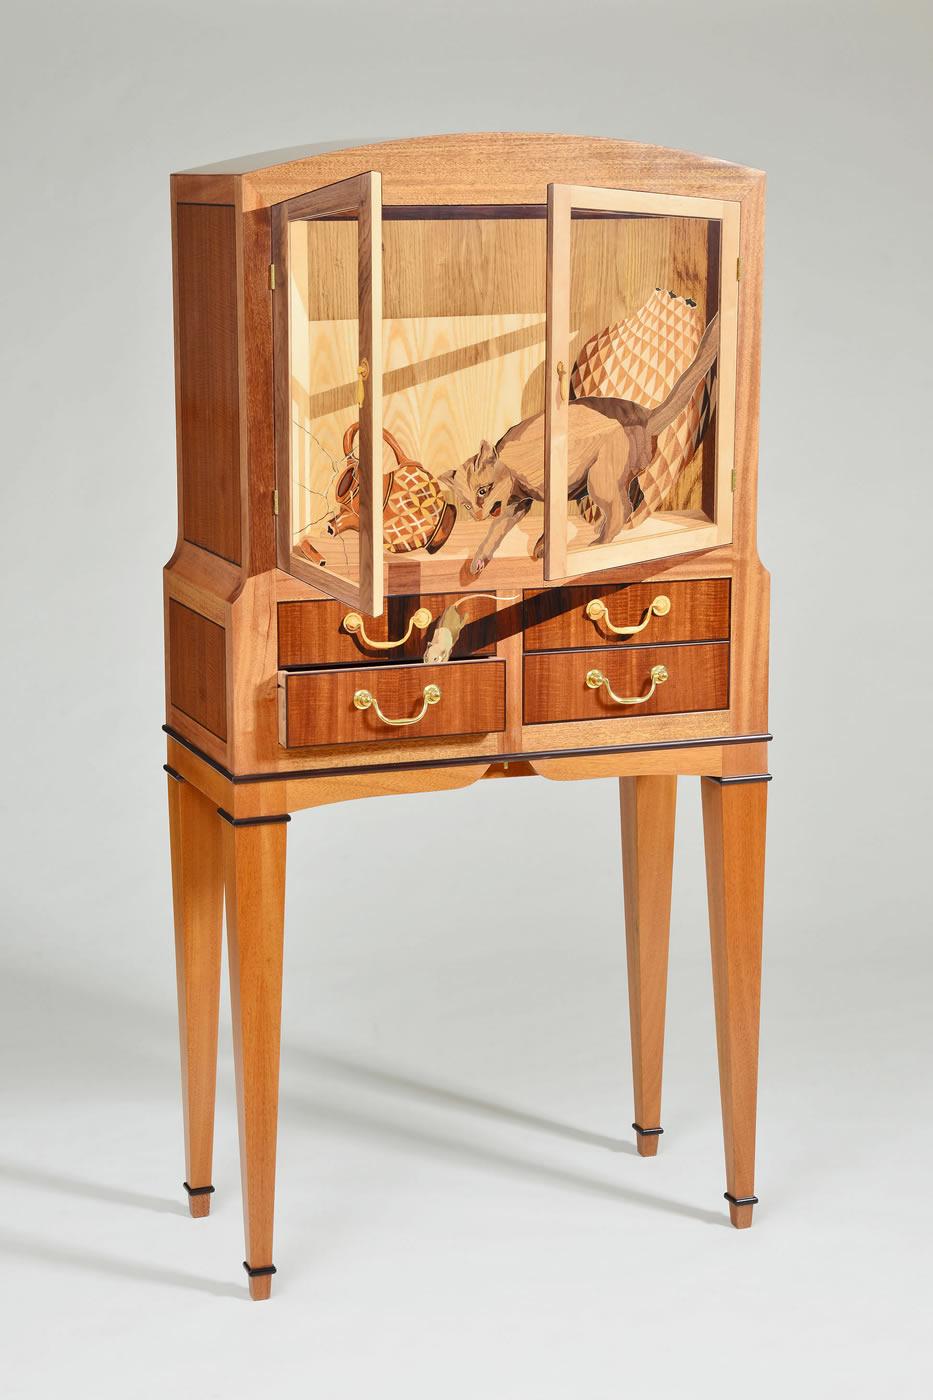 Trompe l oeil silas kopf woodworking inlaid wood